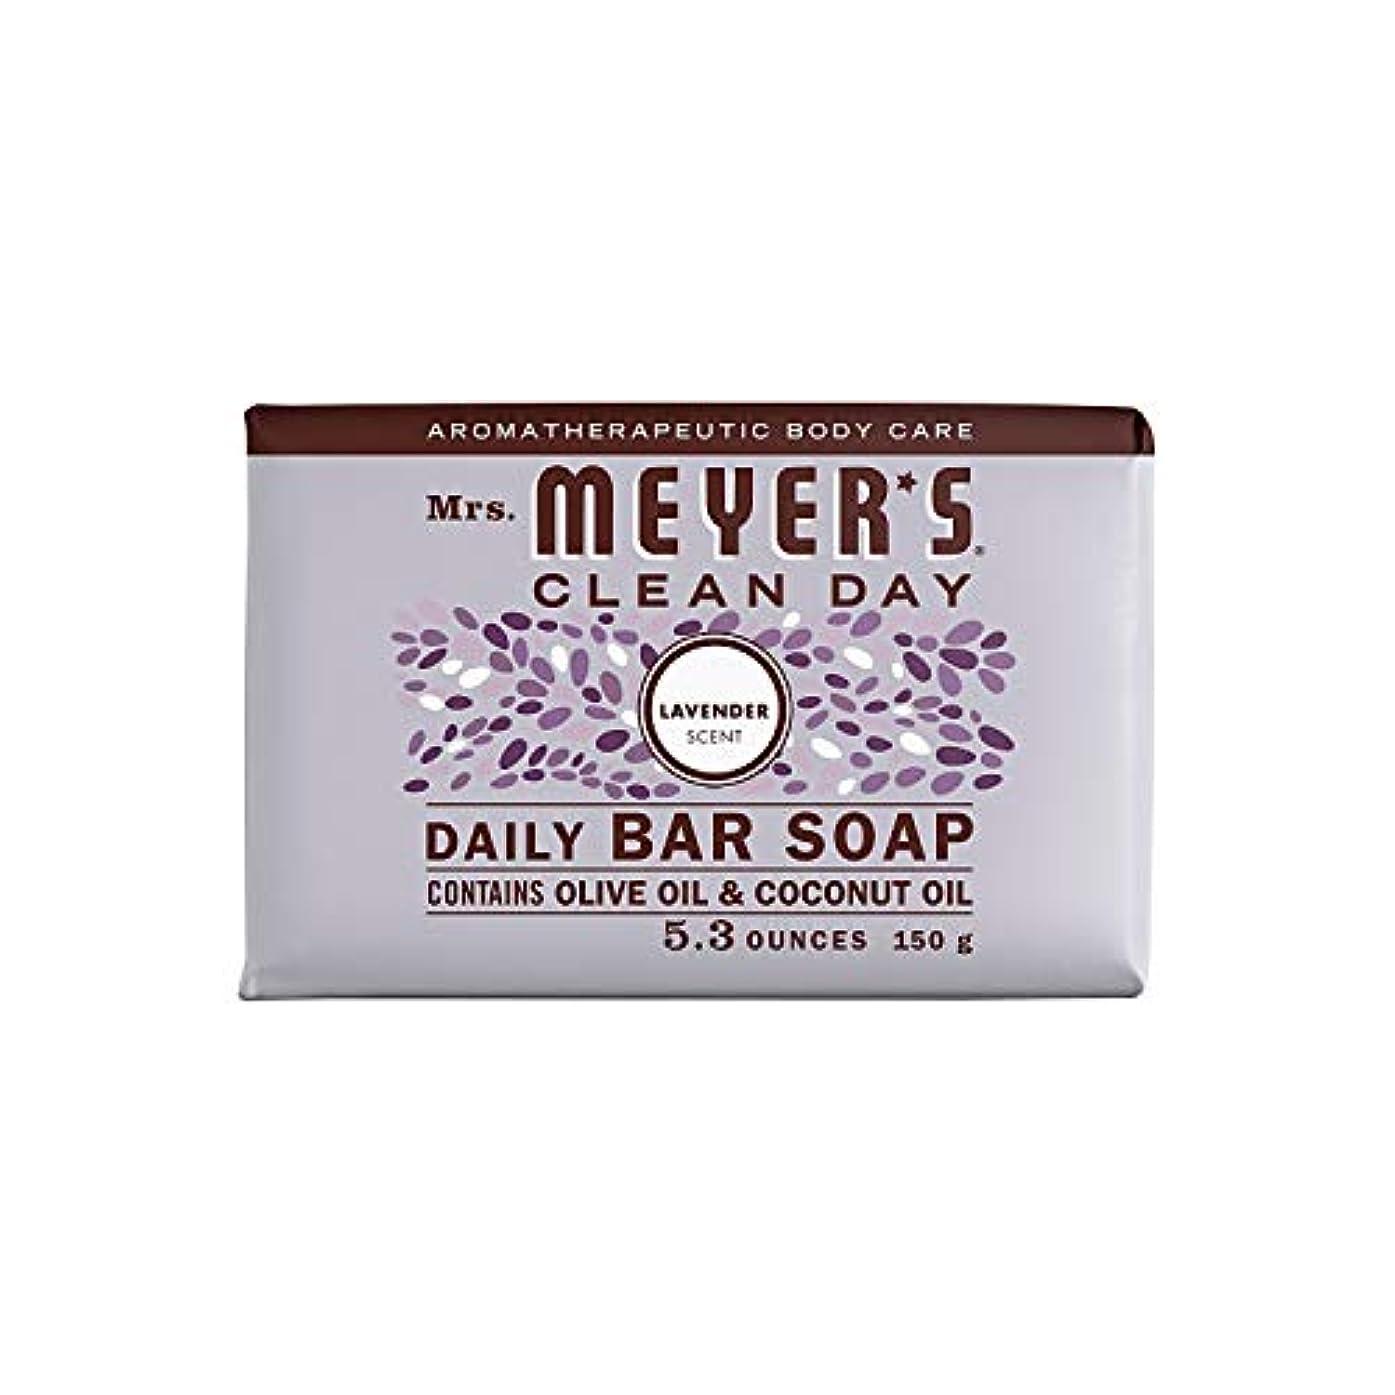 規範愛されし者チャールズキージングBar Soap - Lavender - 5.3 oz - Case of 12 by Mrs. Meyer's